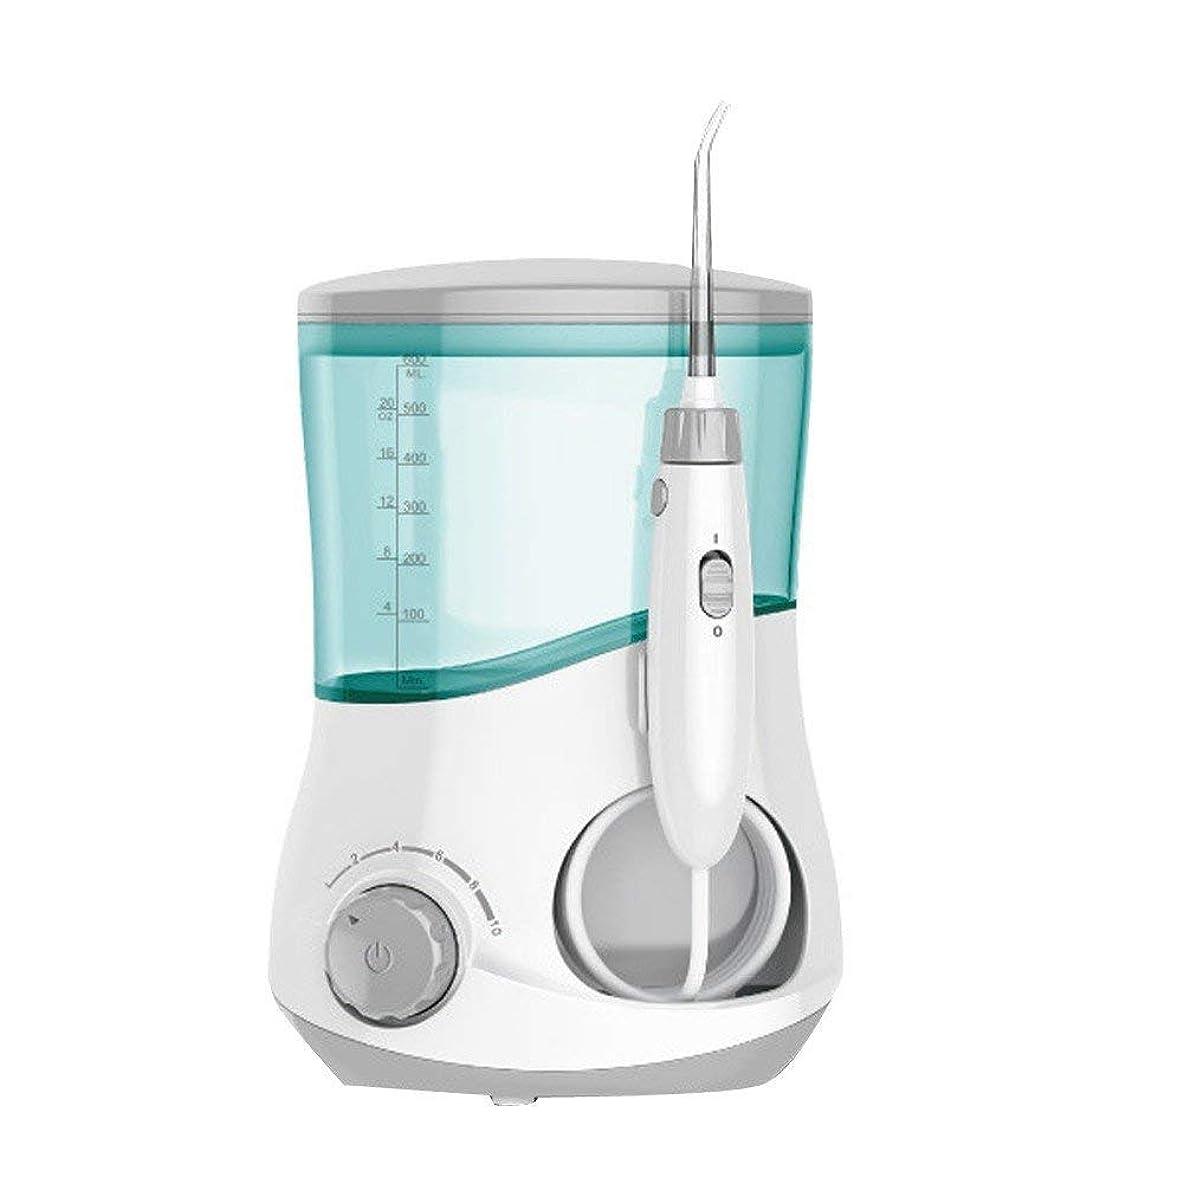 みすぼらしいスプーン人気の高圧口腔洗浄器【マウスウォッシャーmw001】強力ジェット水流で歯間?歯周ポケット洗浄